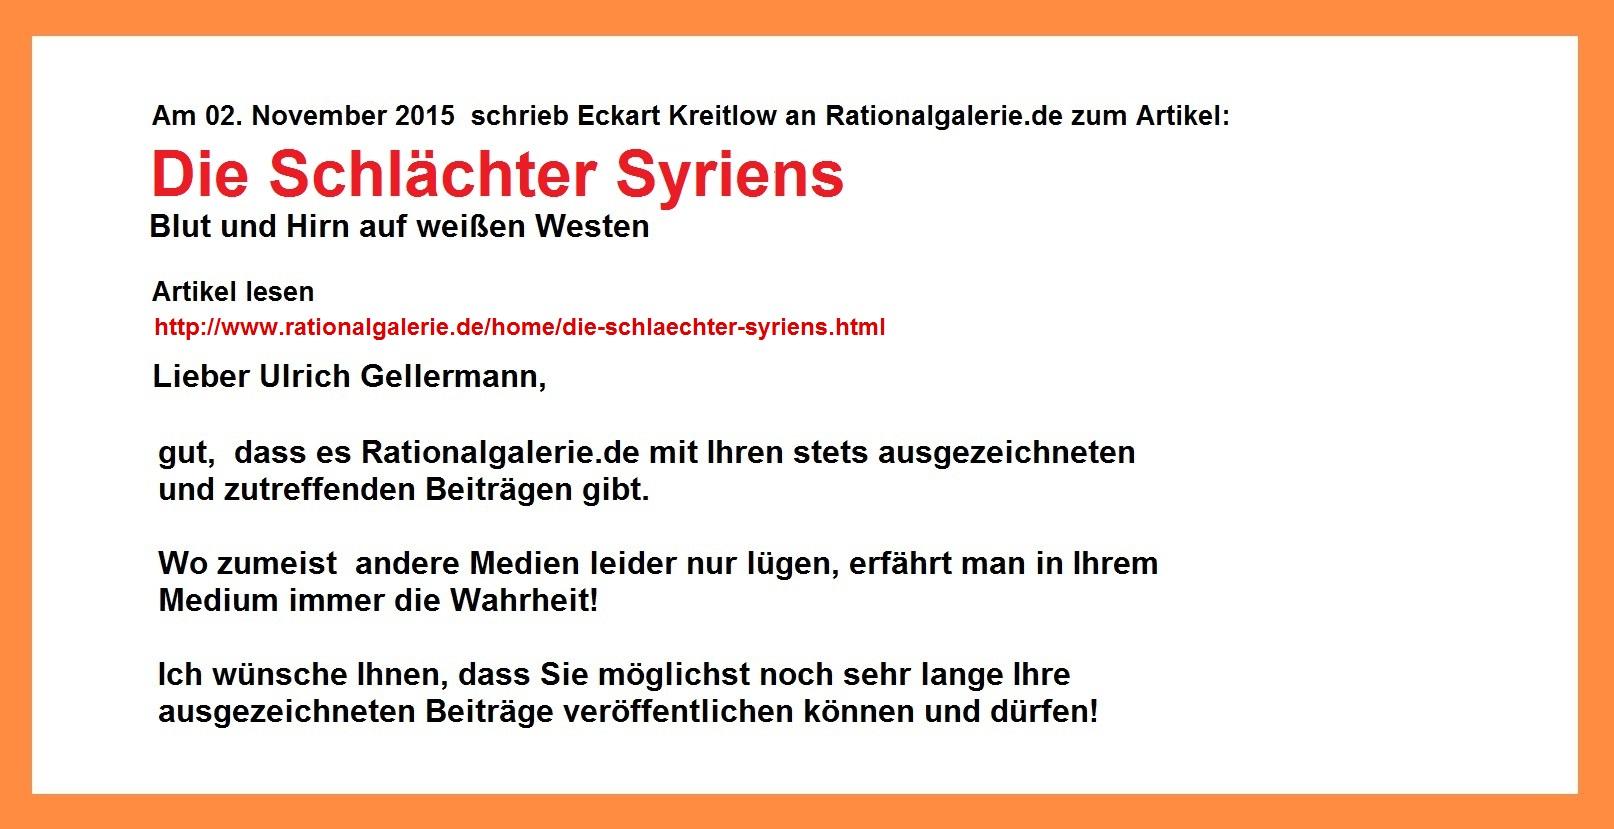 Email von Eckart Kreitlow an Rationalgalerie.de zu Artikel Die Schlächter Syriens | Blut und Hirn auf weißen Westen